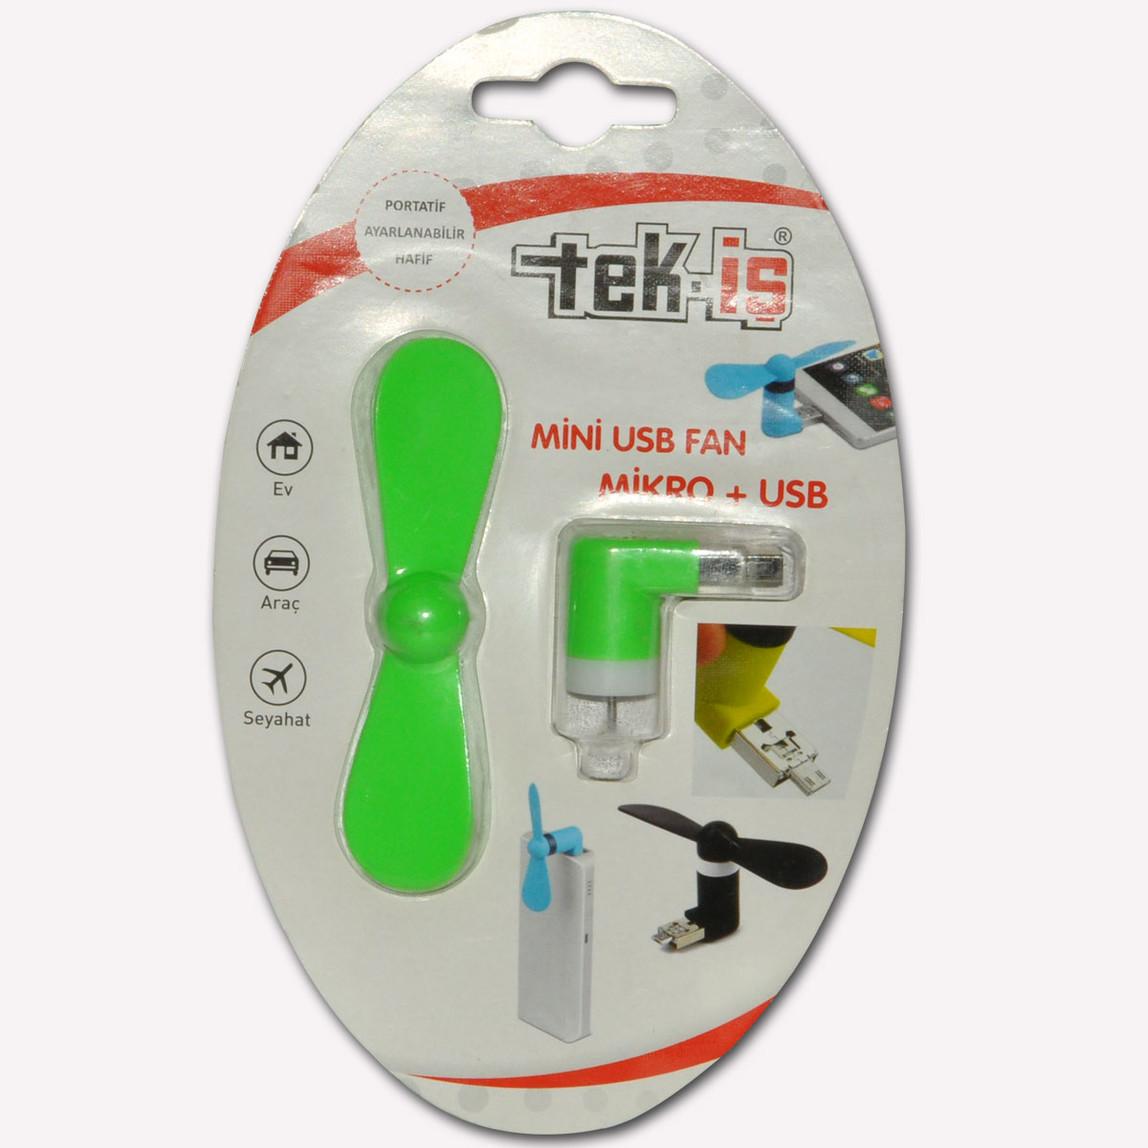 Tek-iş Mini Usb Fan Micro+Usb Değişik Renklerde